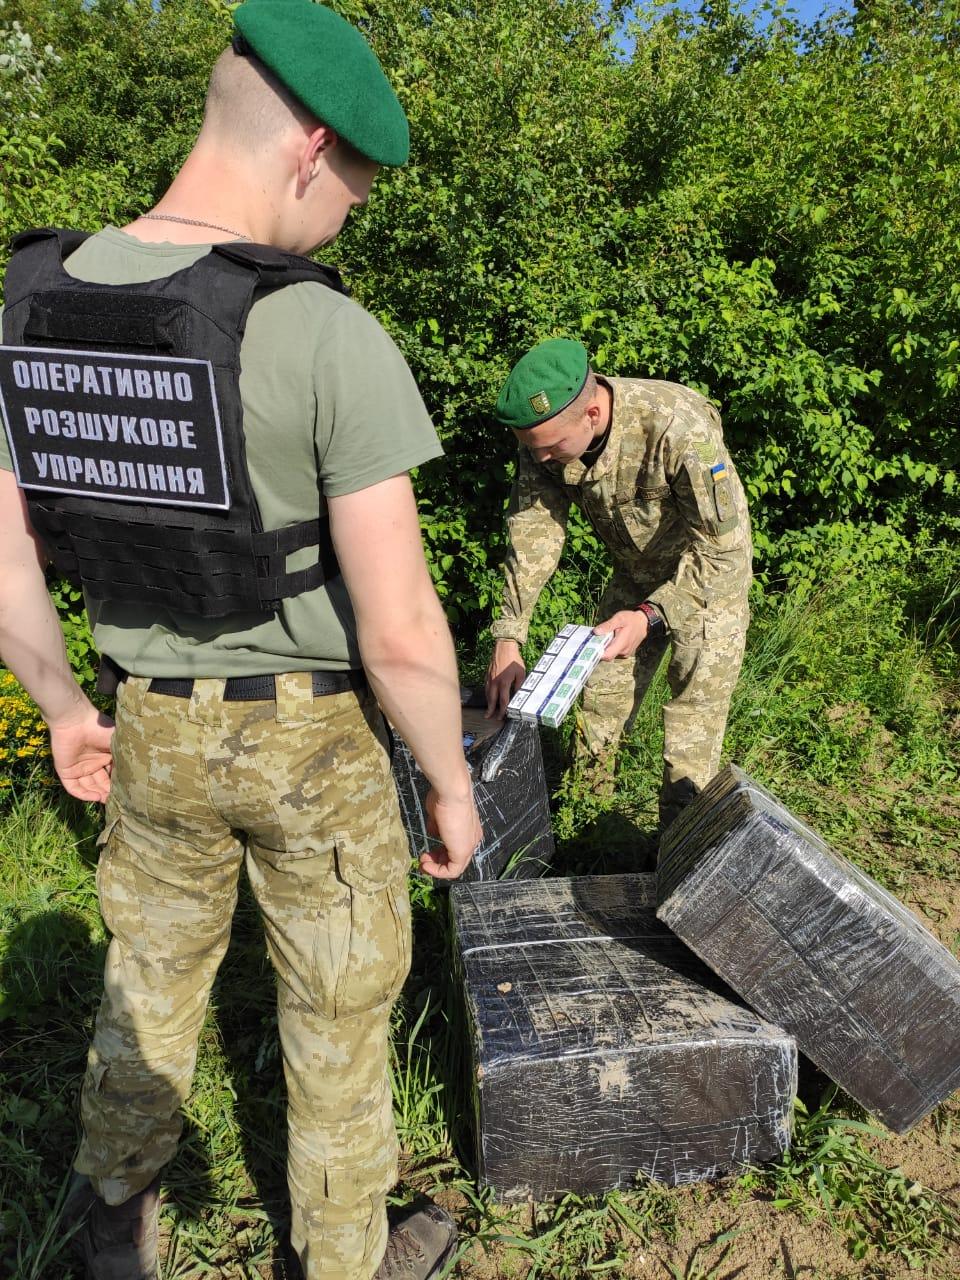 Спробі незаконного переміщення тютюнових виробів запобігли сьогодні прикордонники Мукачівського загону.